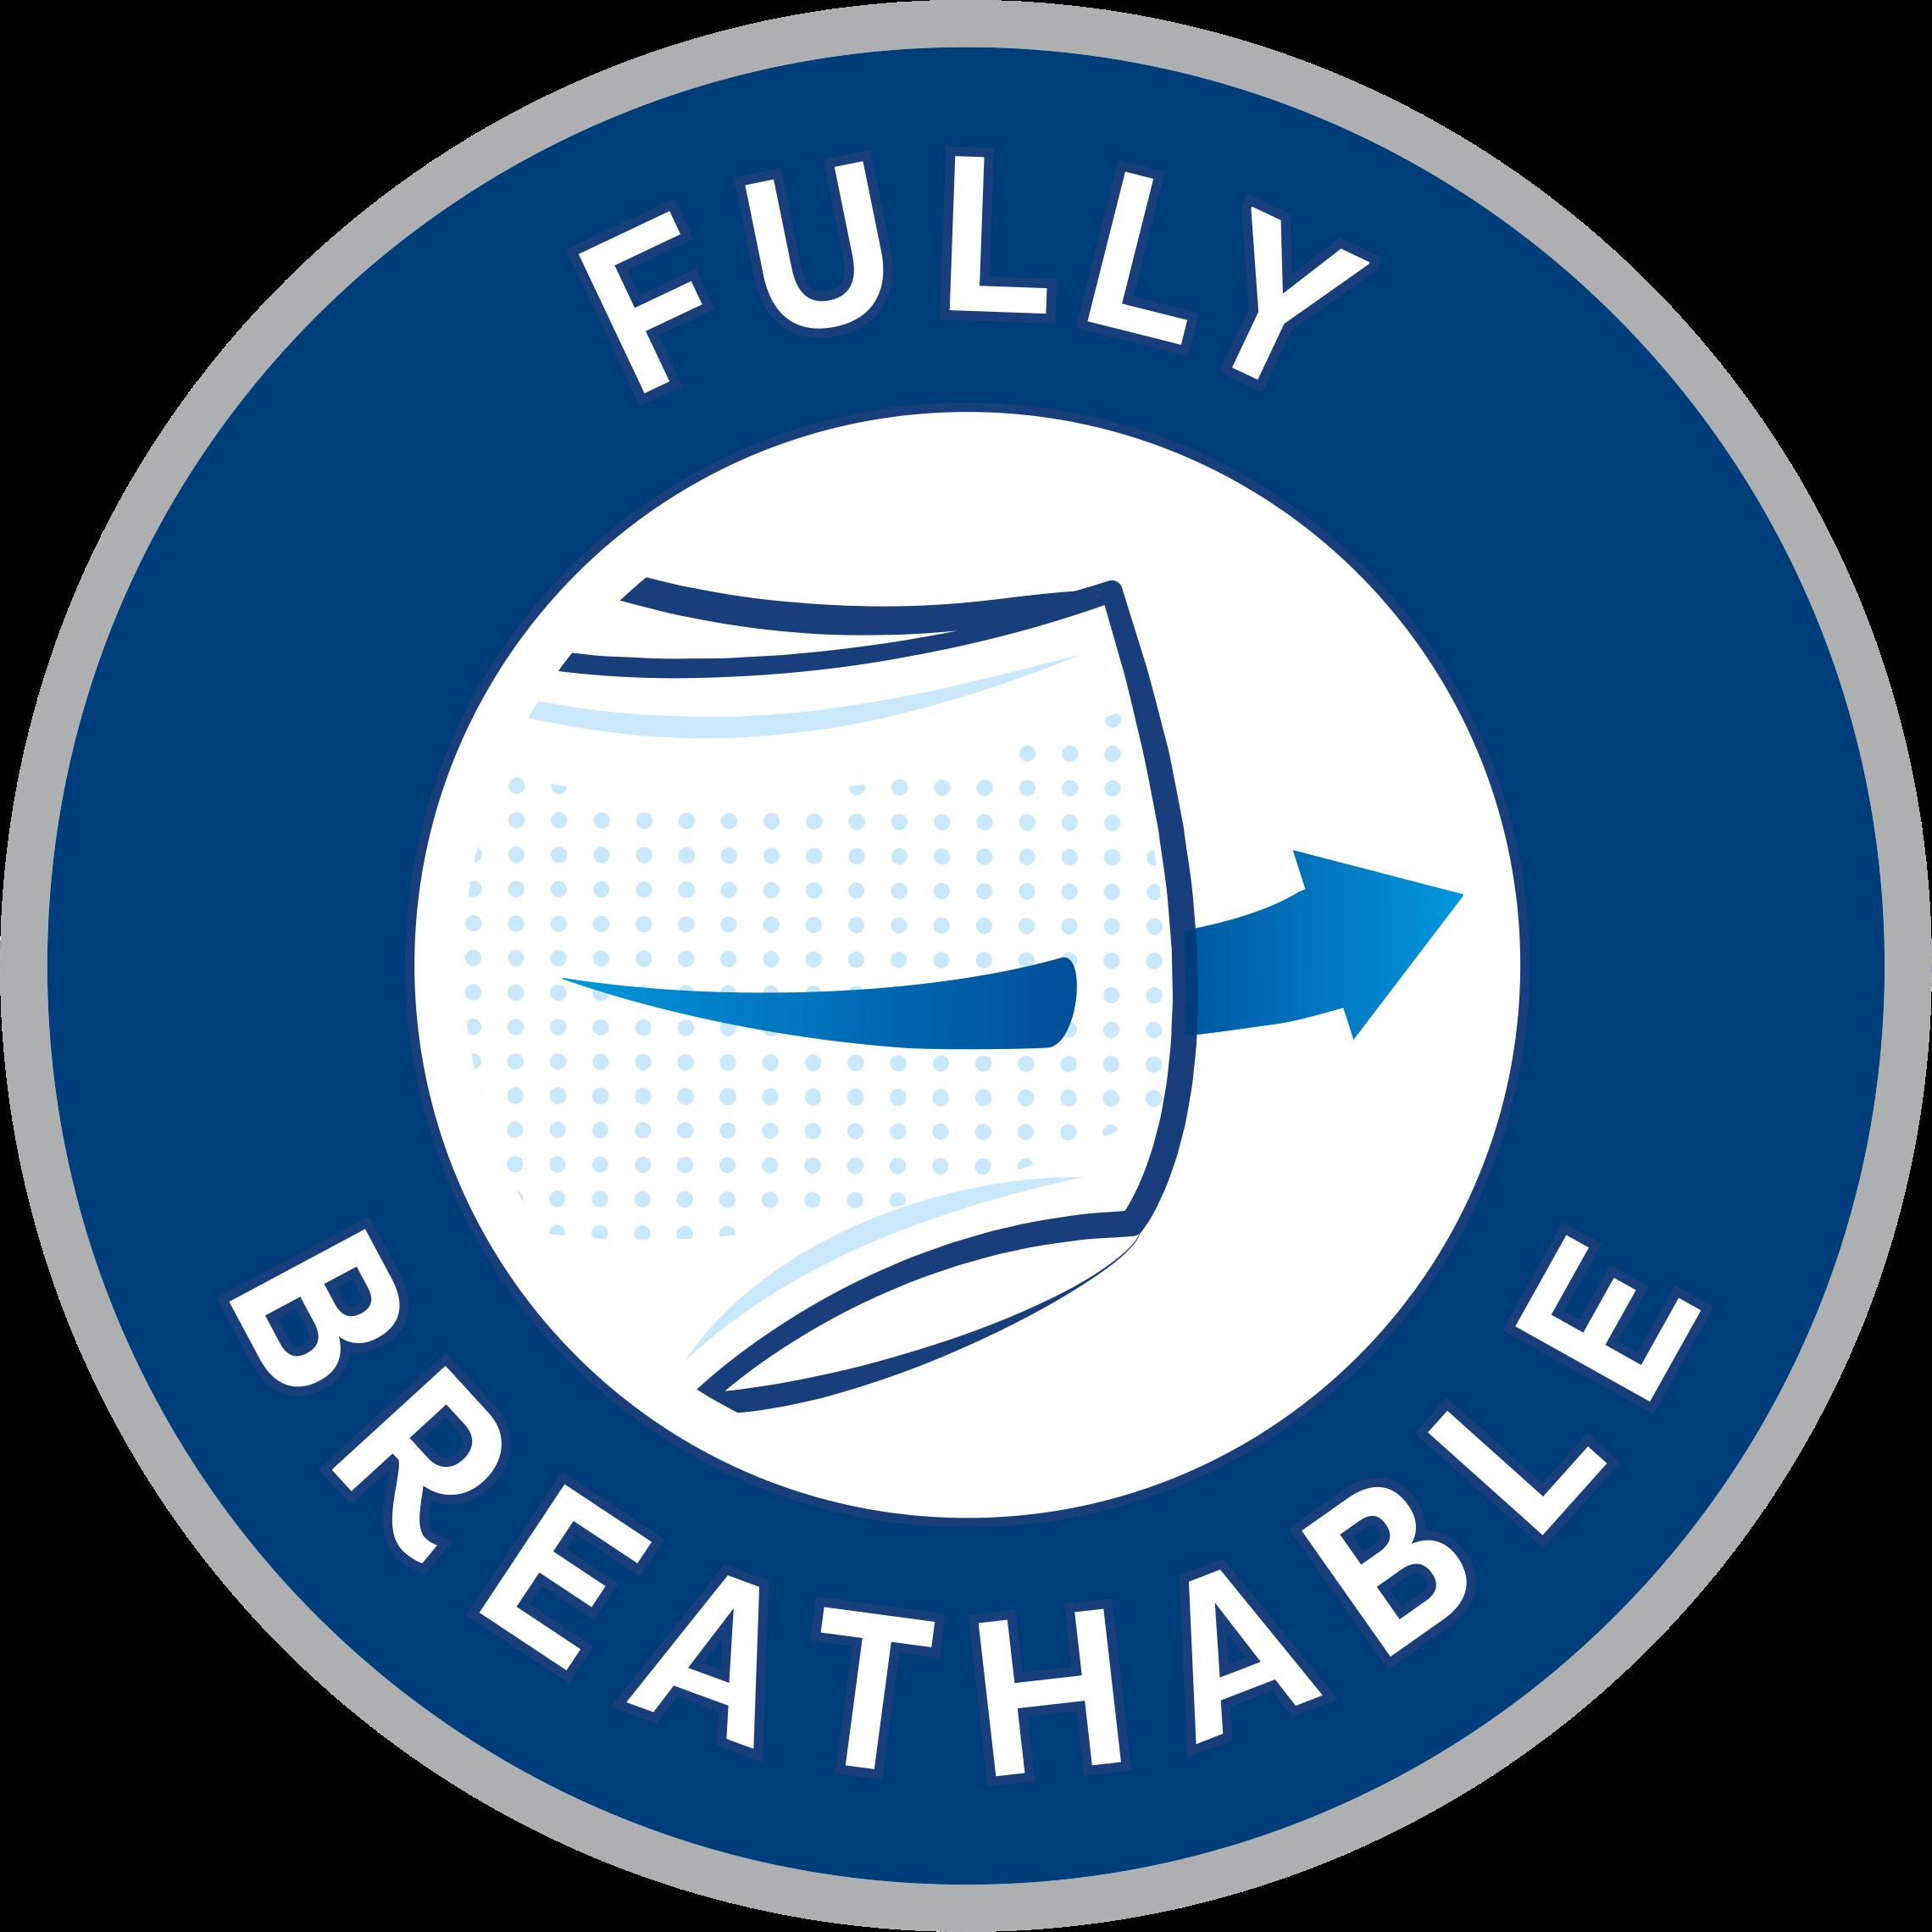 Helt andningsbart ytmaterial låter luften cirkulera